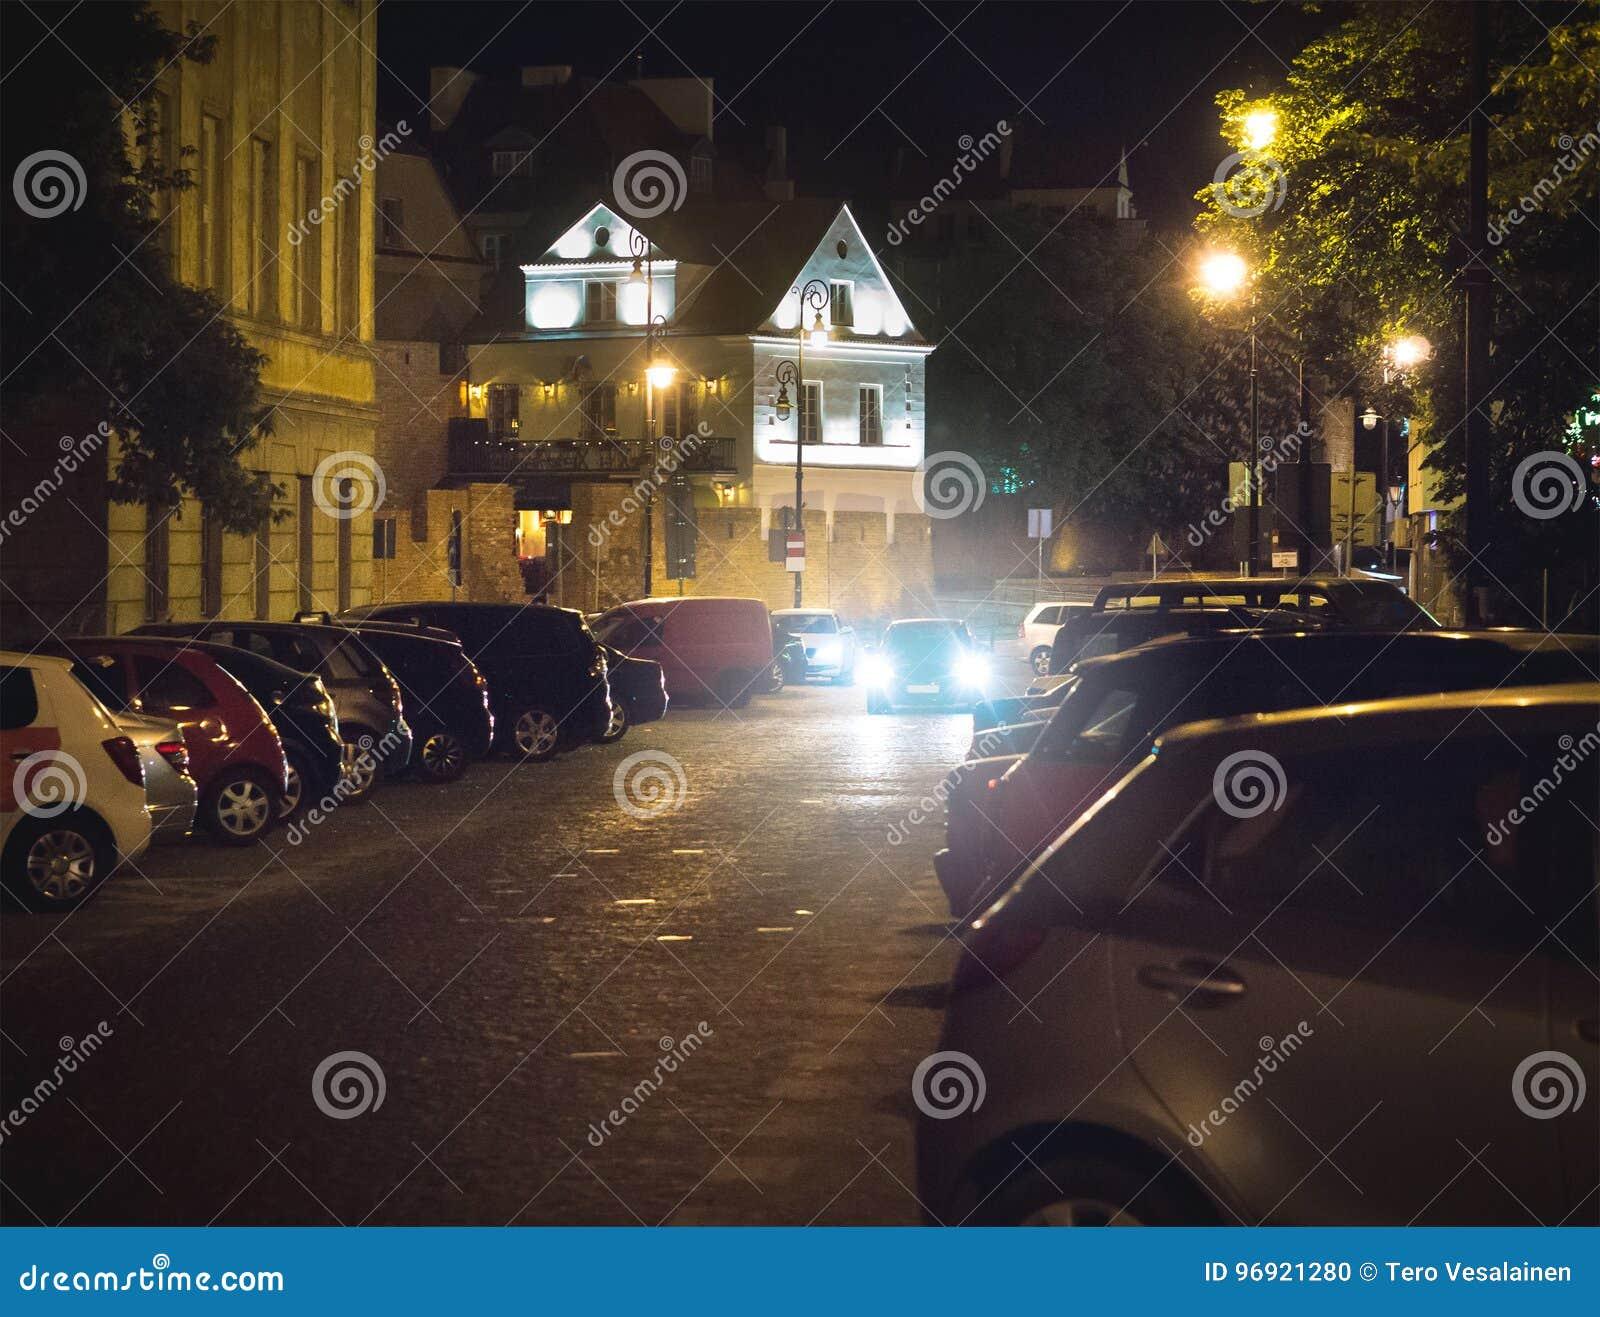 搜寻自由停车位的汽车在晚上在城市或市中心 设法的车发现地方停放和停止